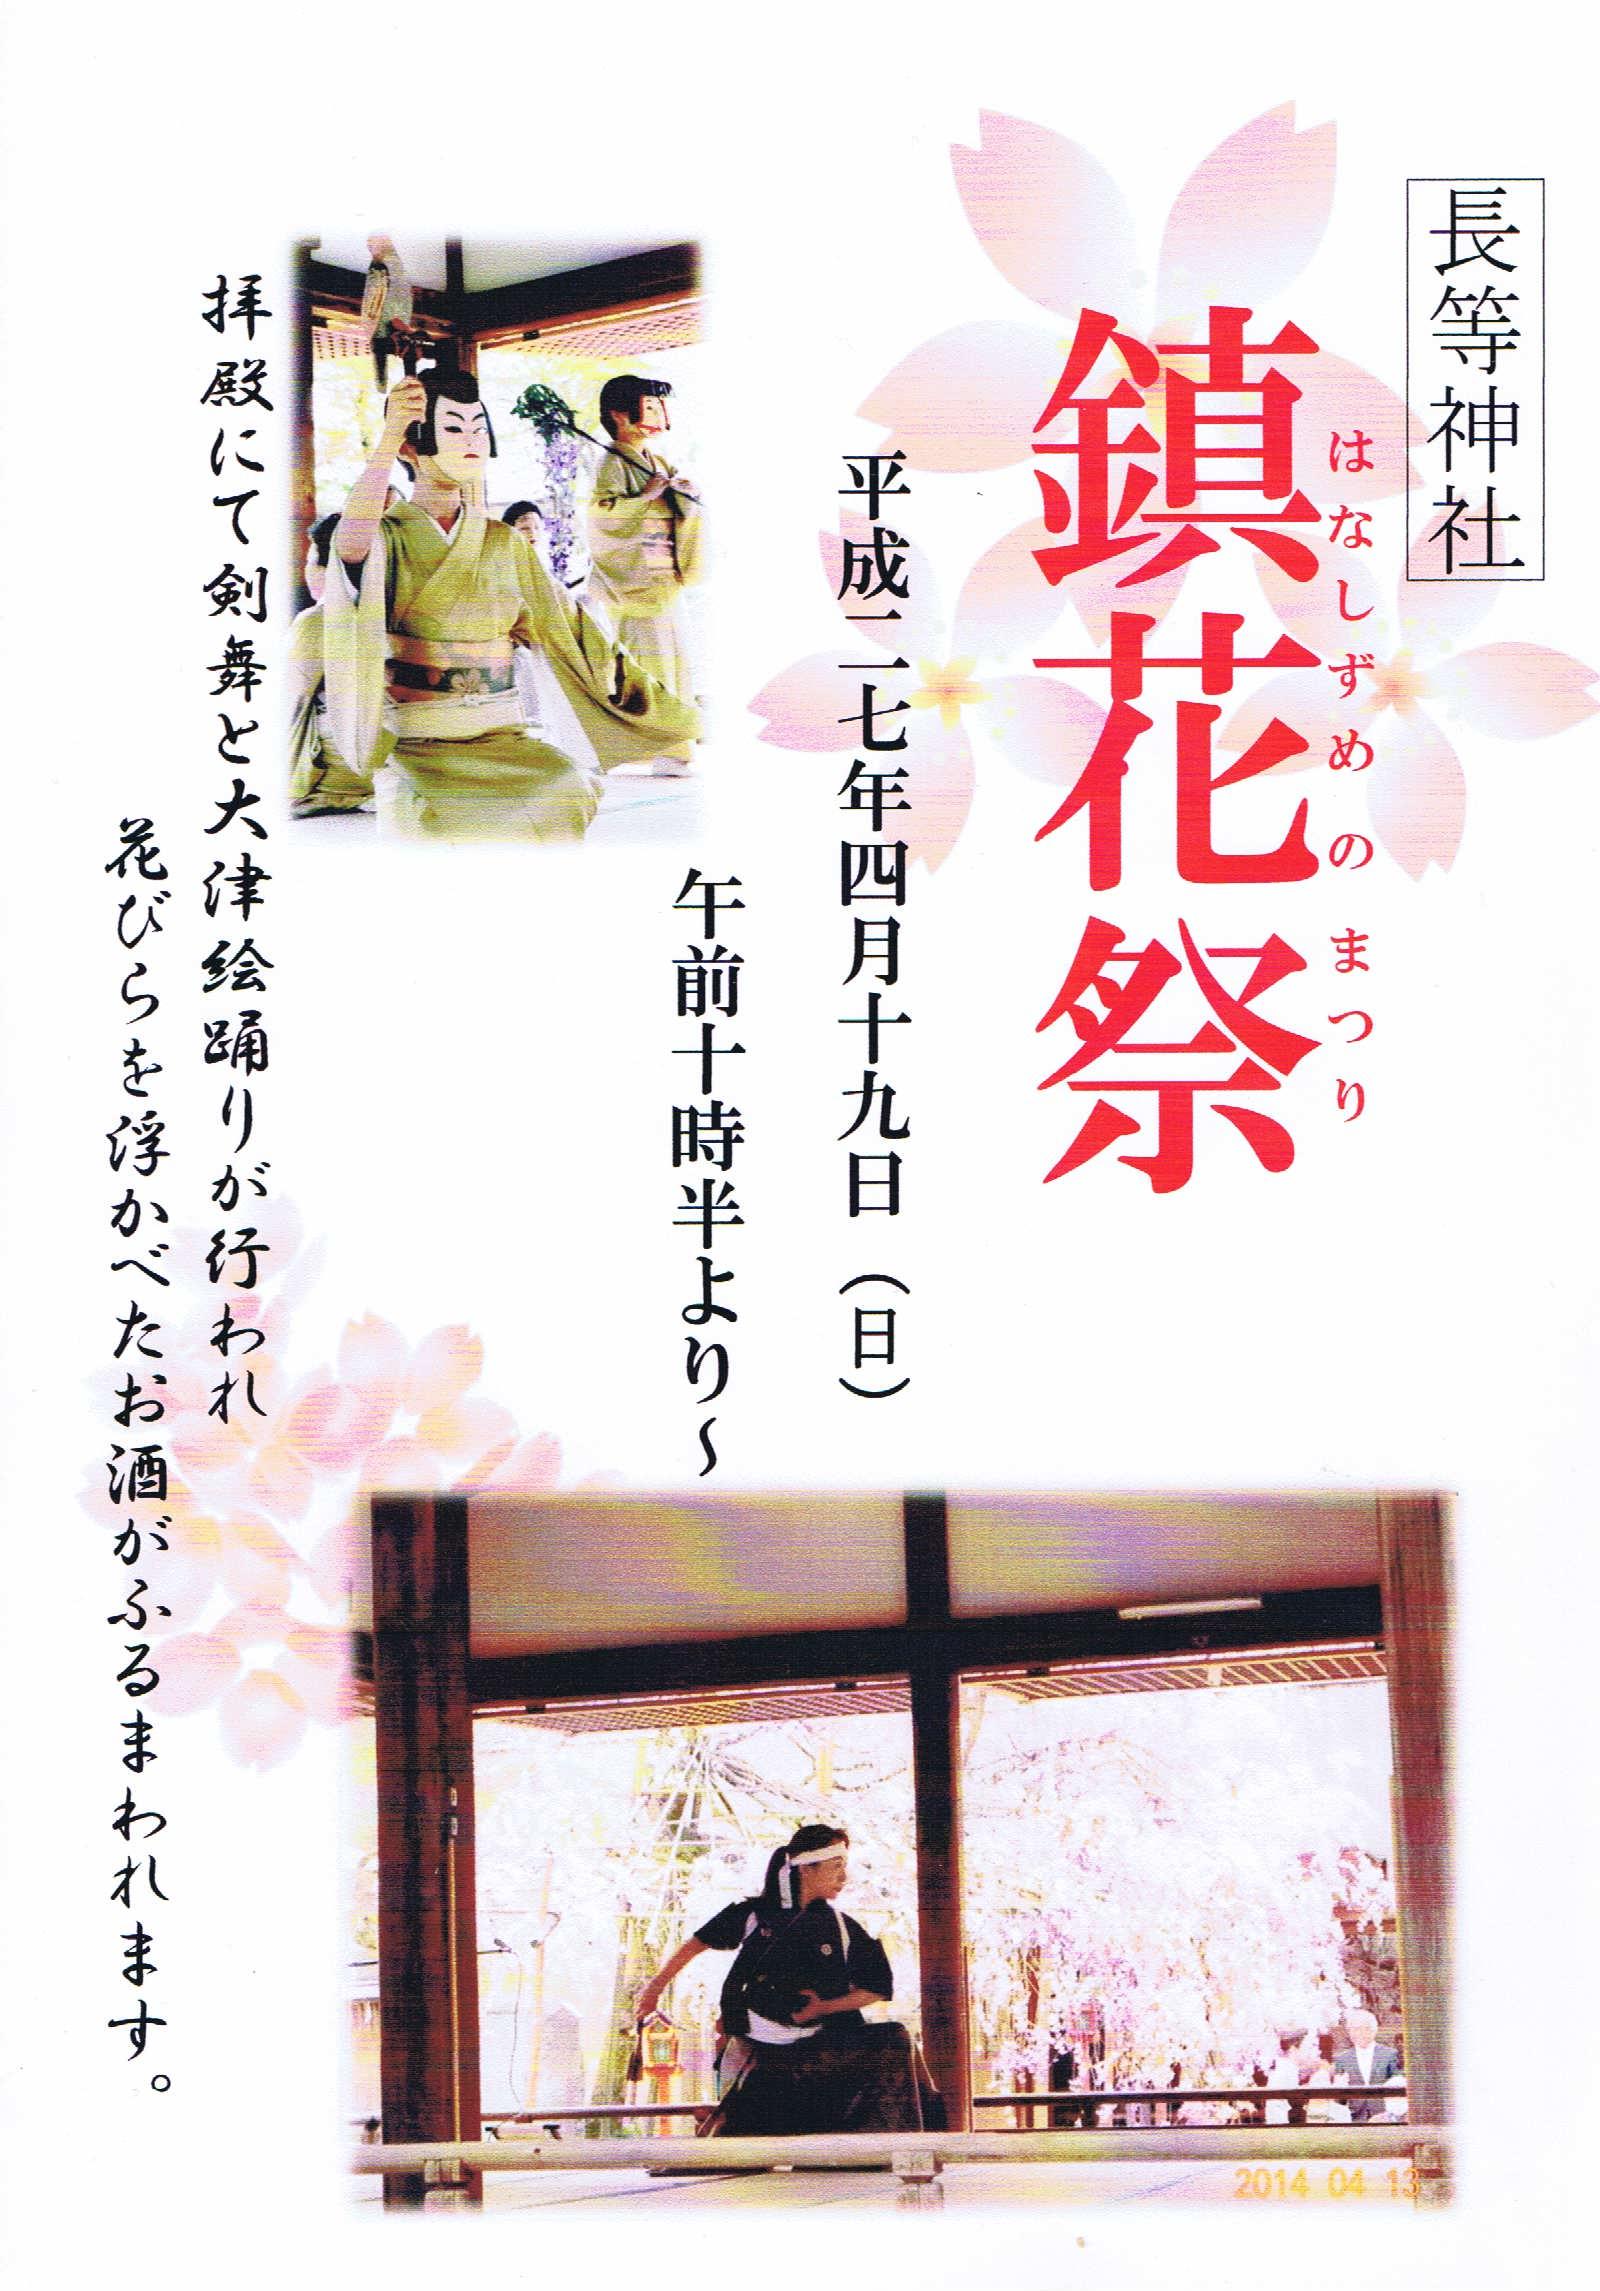 鎮花祭(はなしずめまつり)のお知らせ_e0243966_2258476.jpg